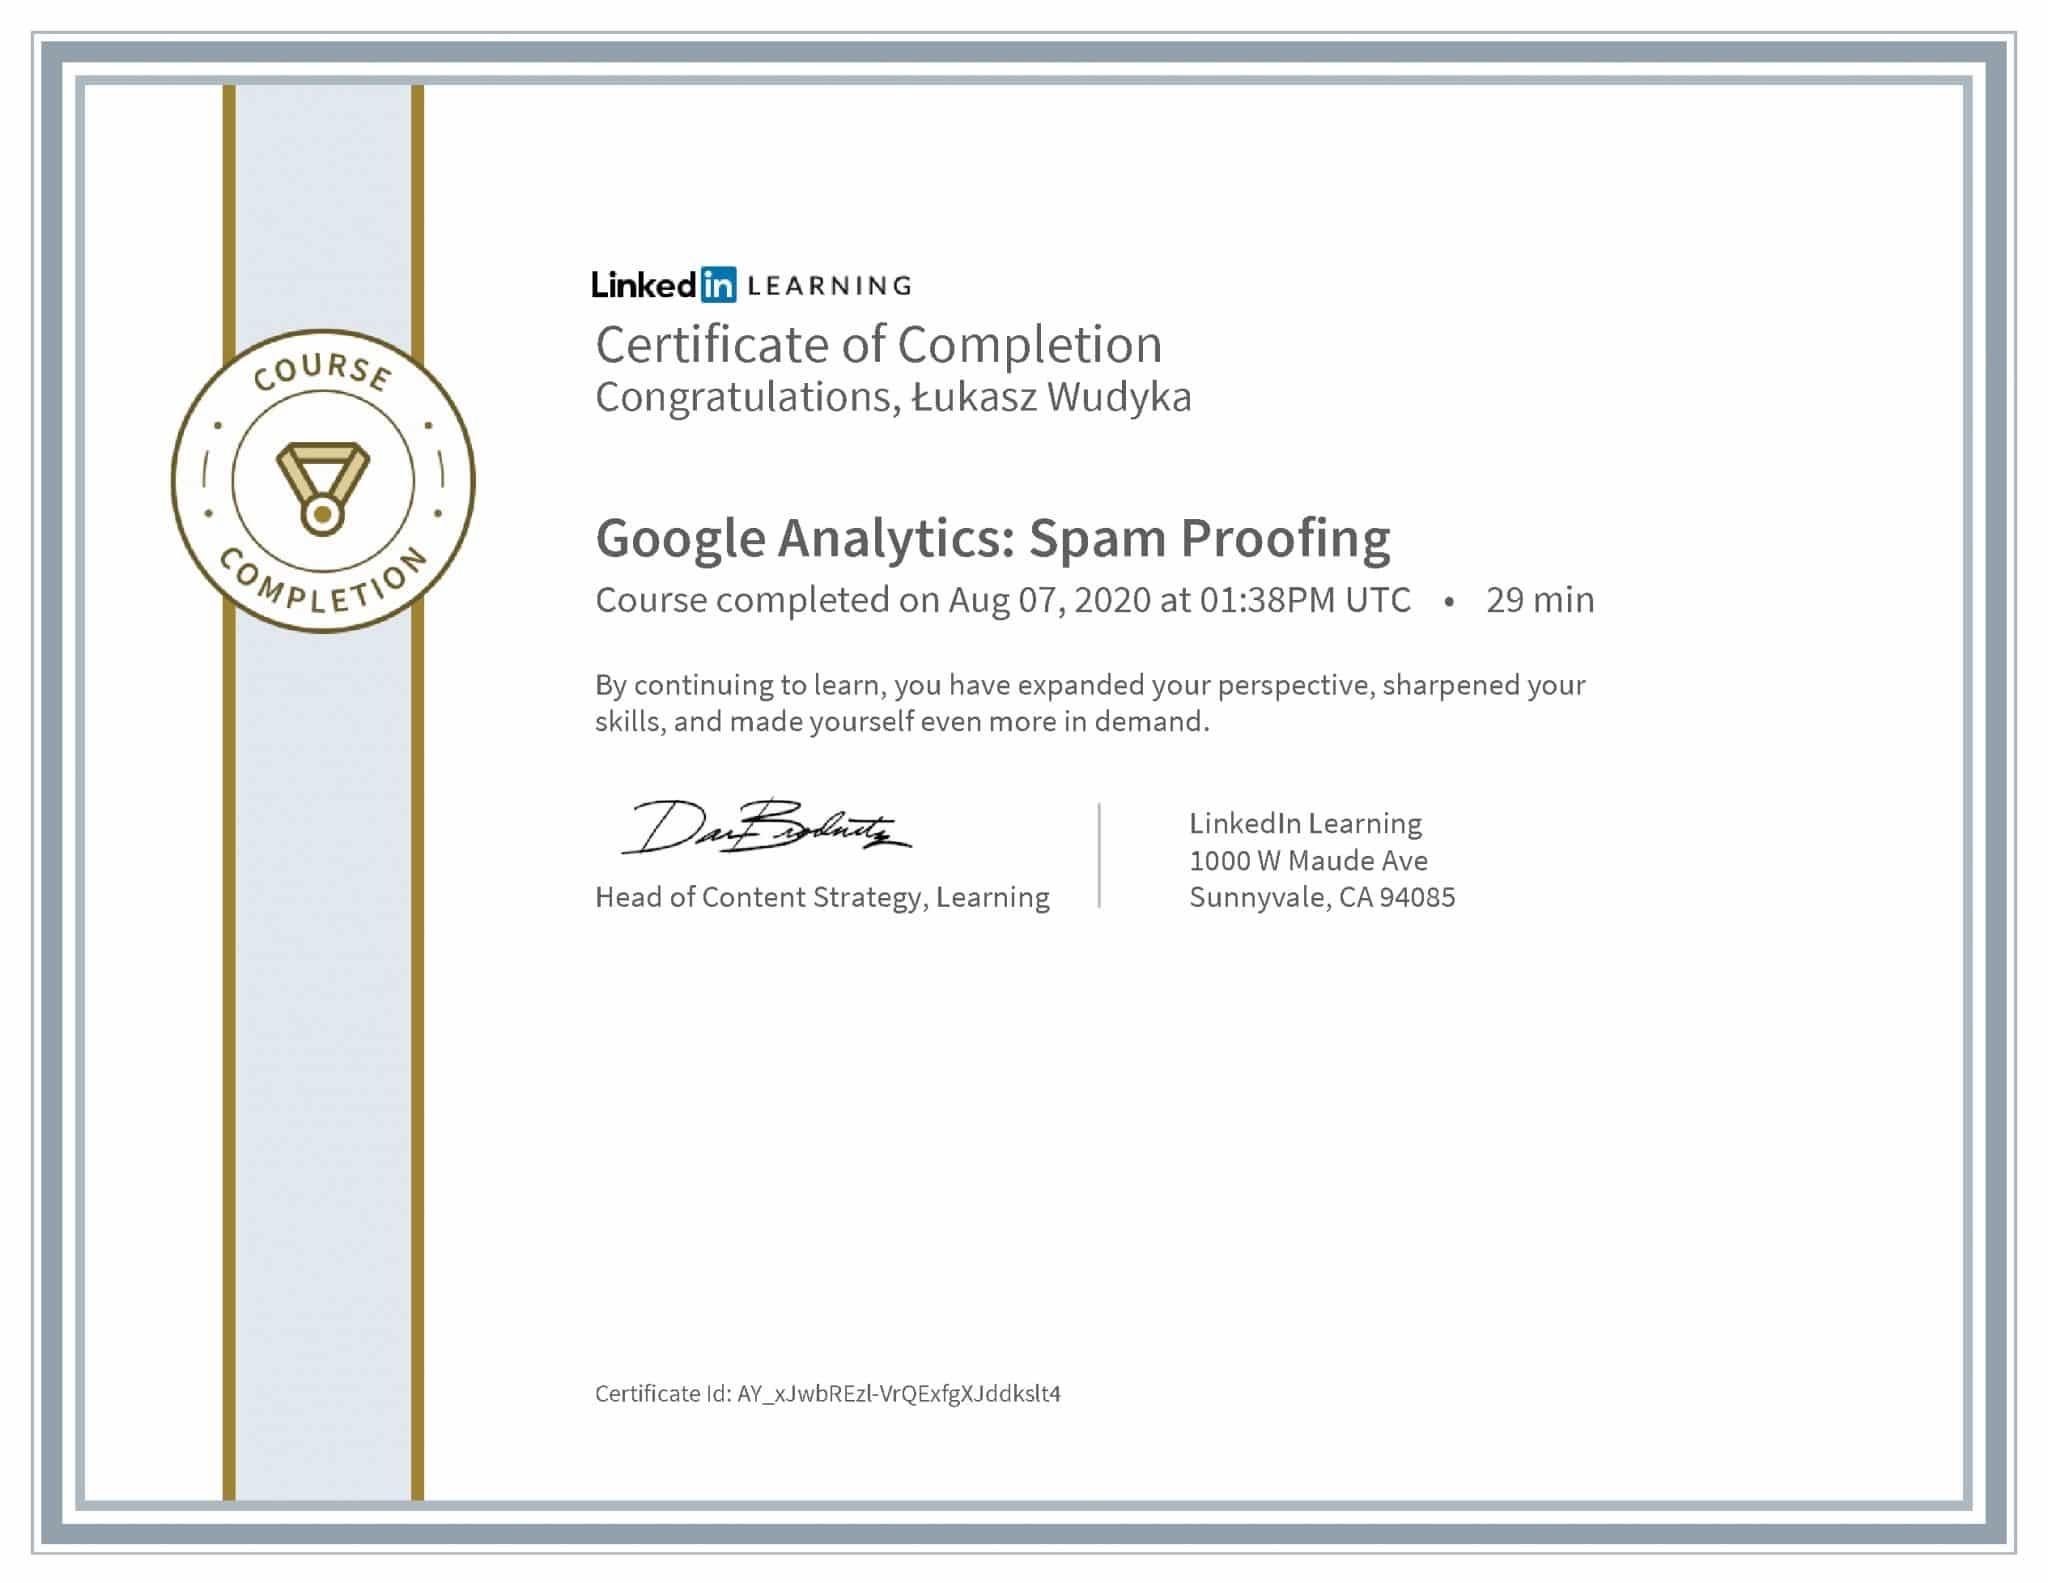 Łukasz Wudyka certyfikat LinkedIn Google Analytics: Spam Proofing